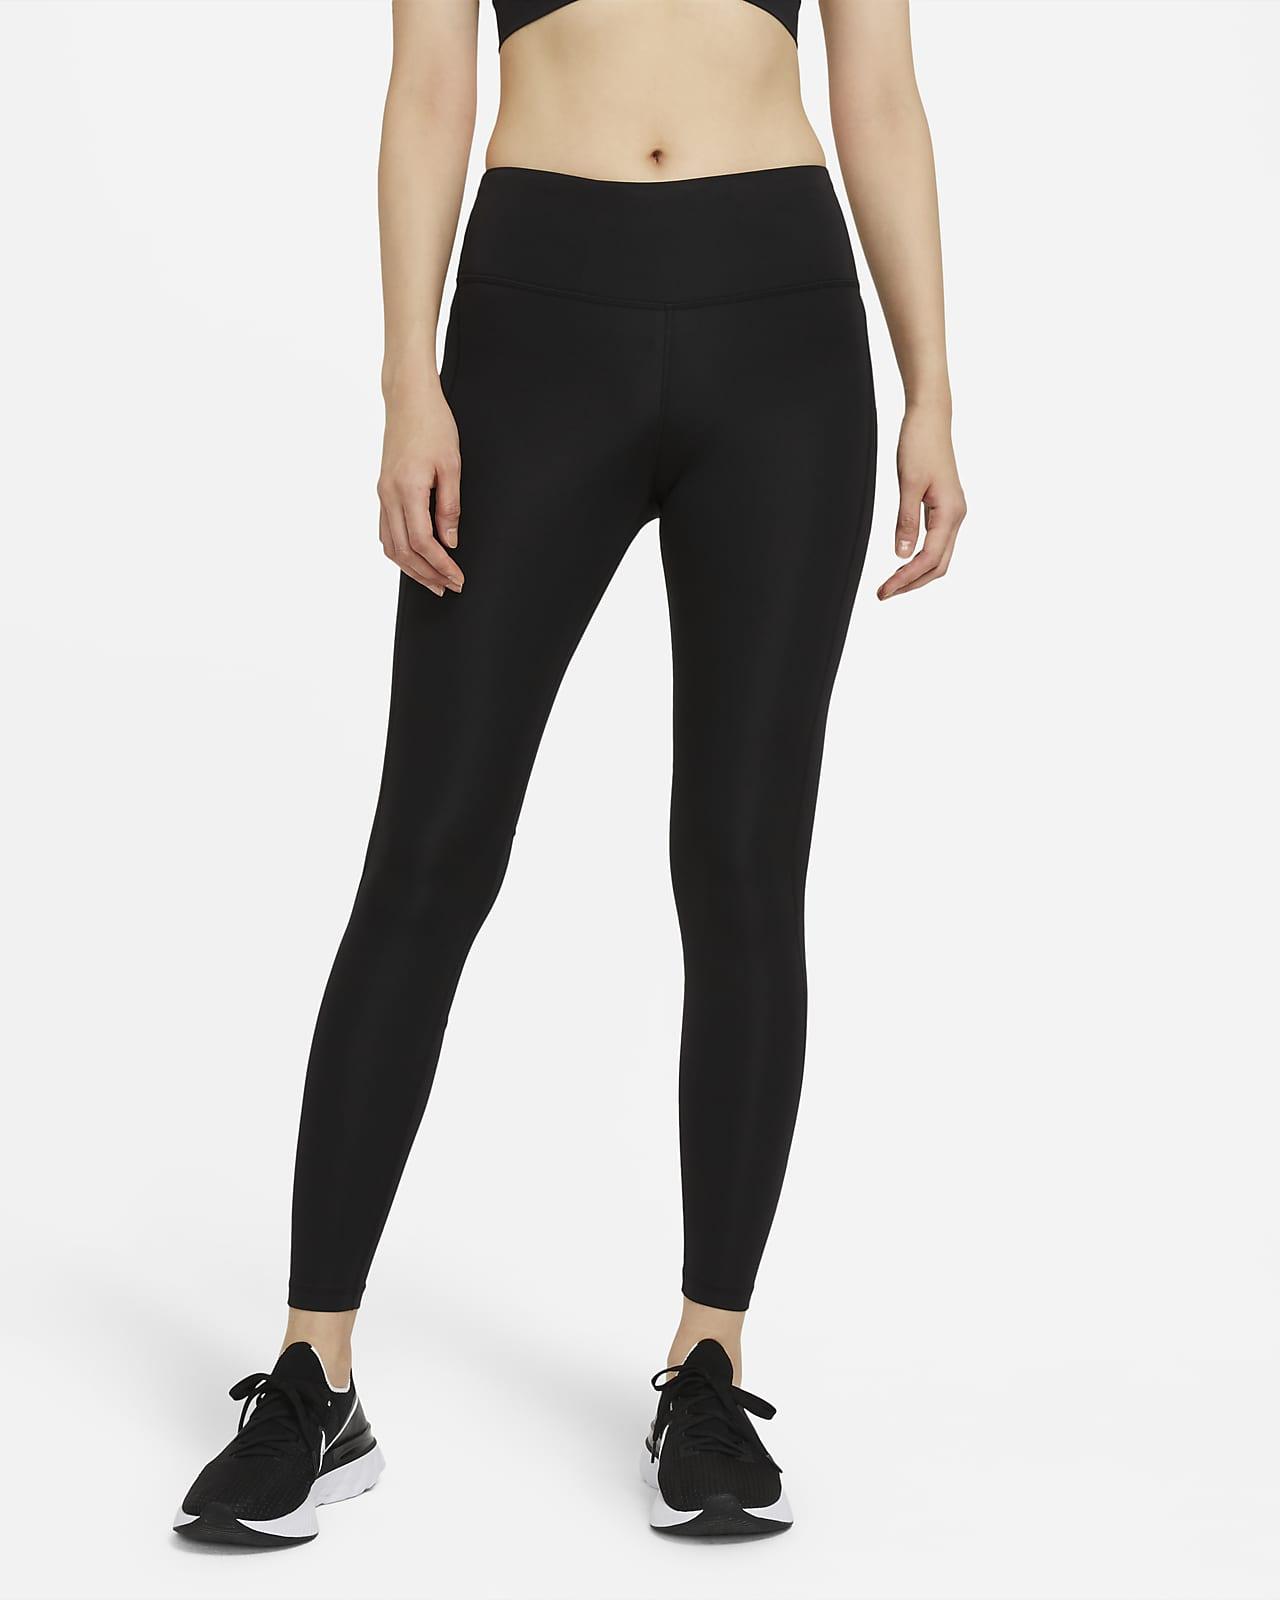 เลกกิ้งวิ่งเอวปานกลางผู้หญิง Nike Epic Fast